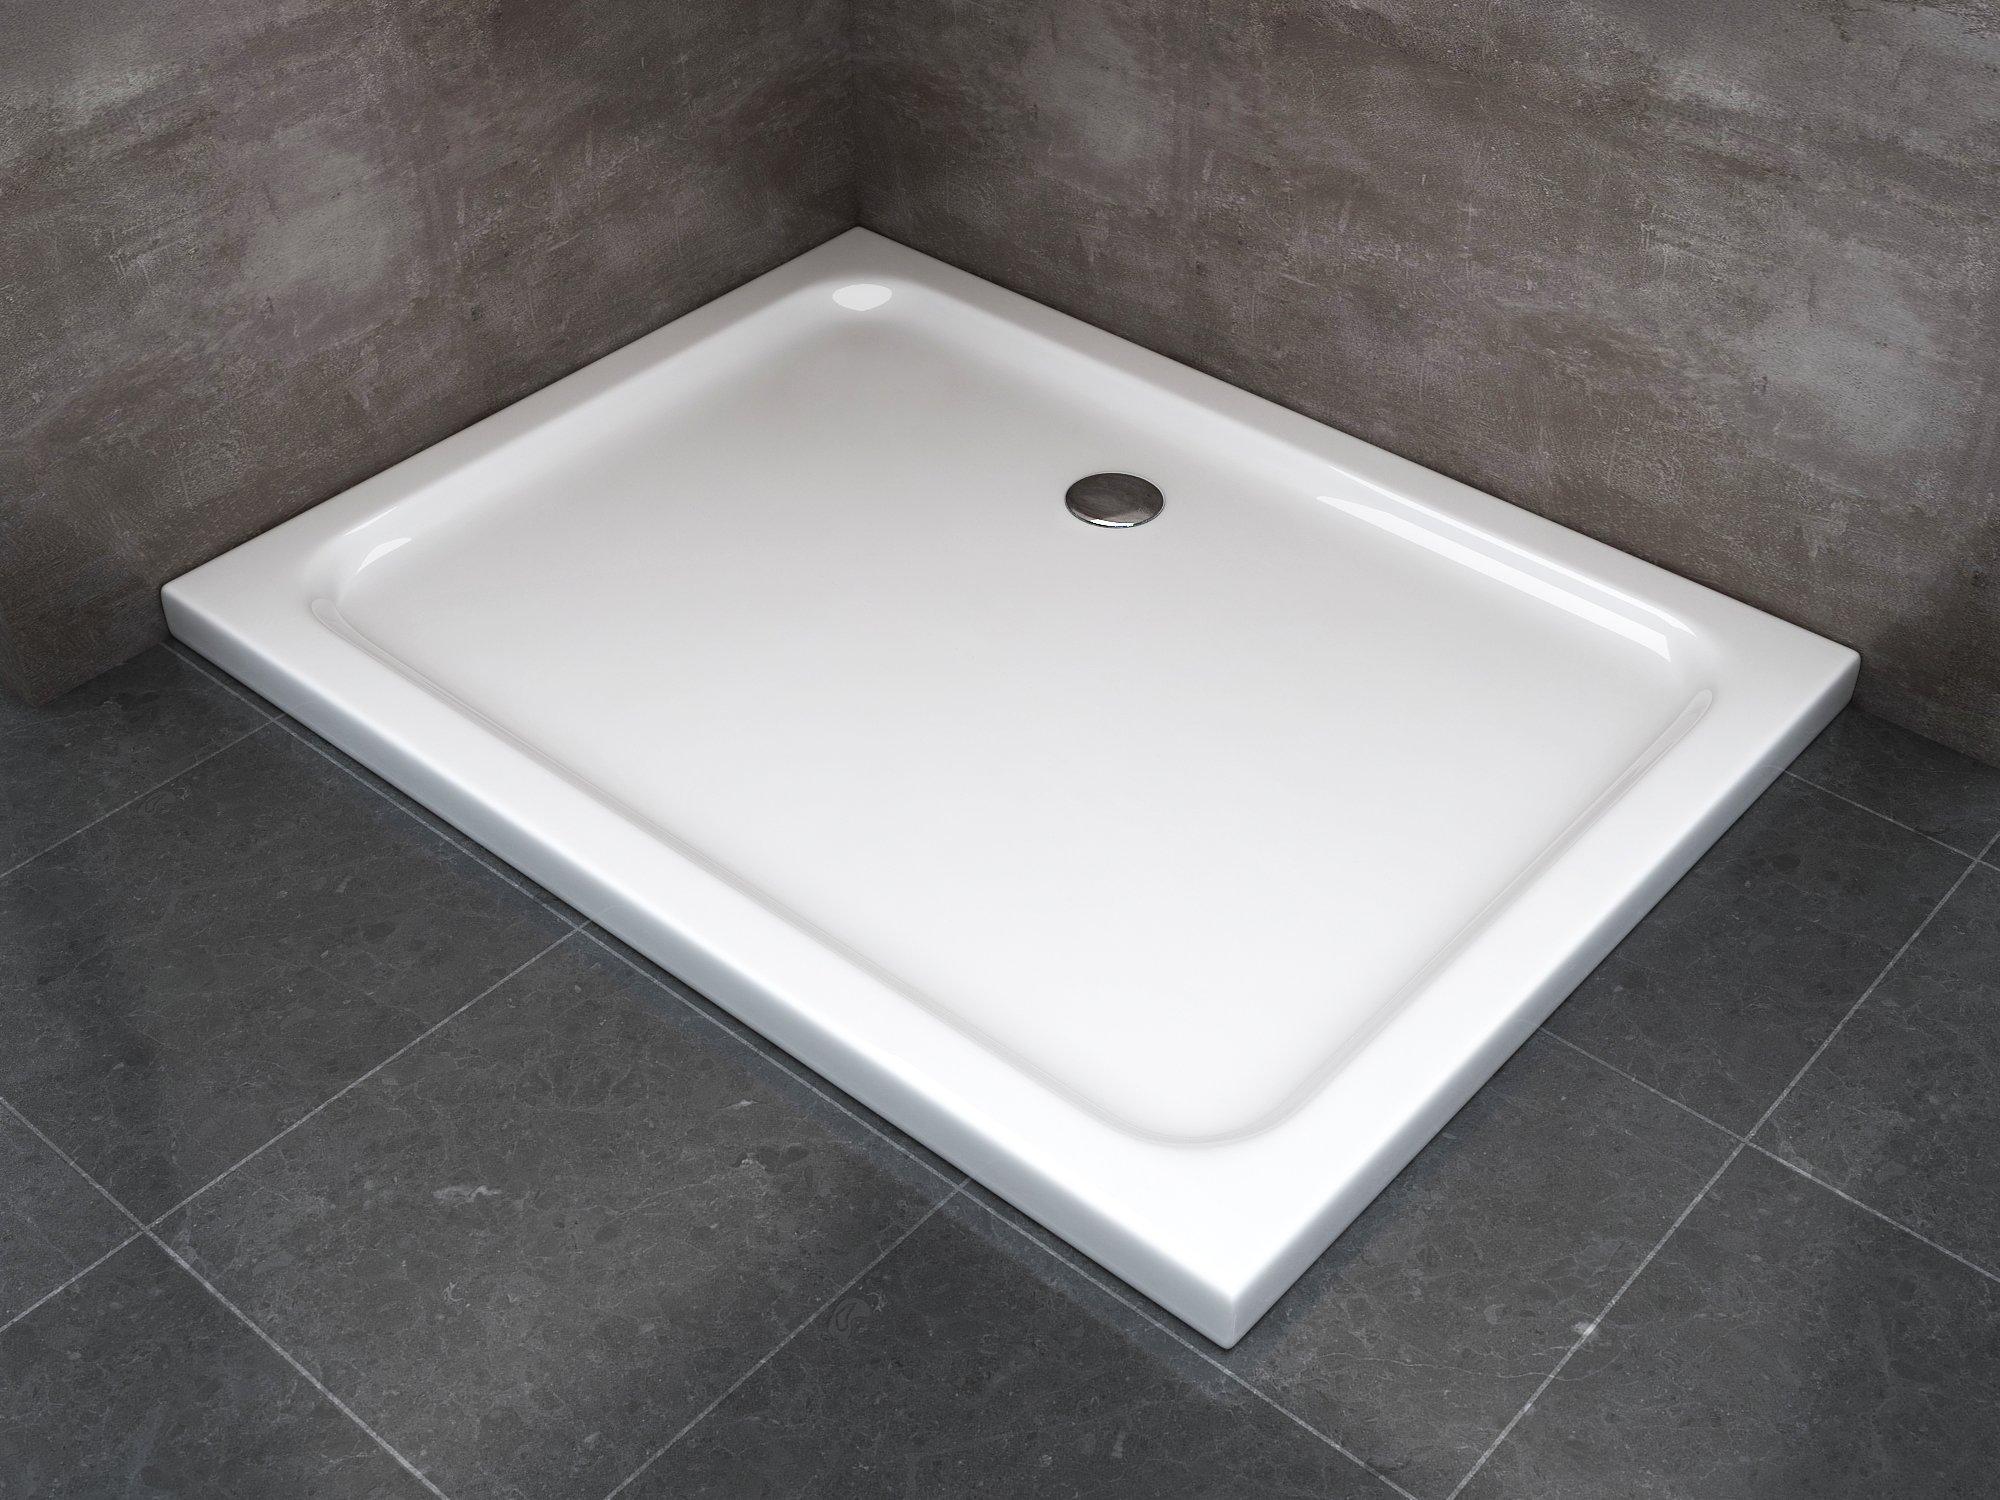 Piatto doccia ribassato realizzato abs h 5cm varie misure - Misure piatto doccia piccolo ...